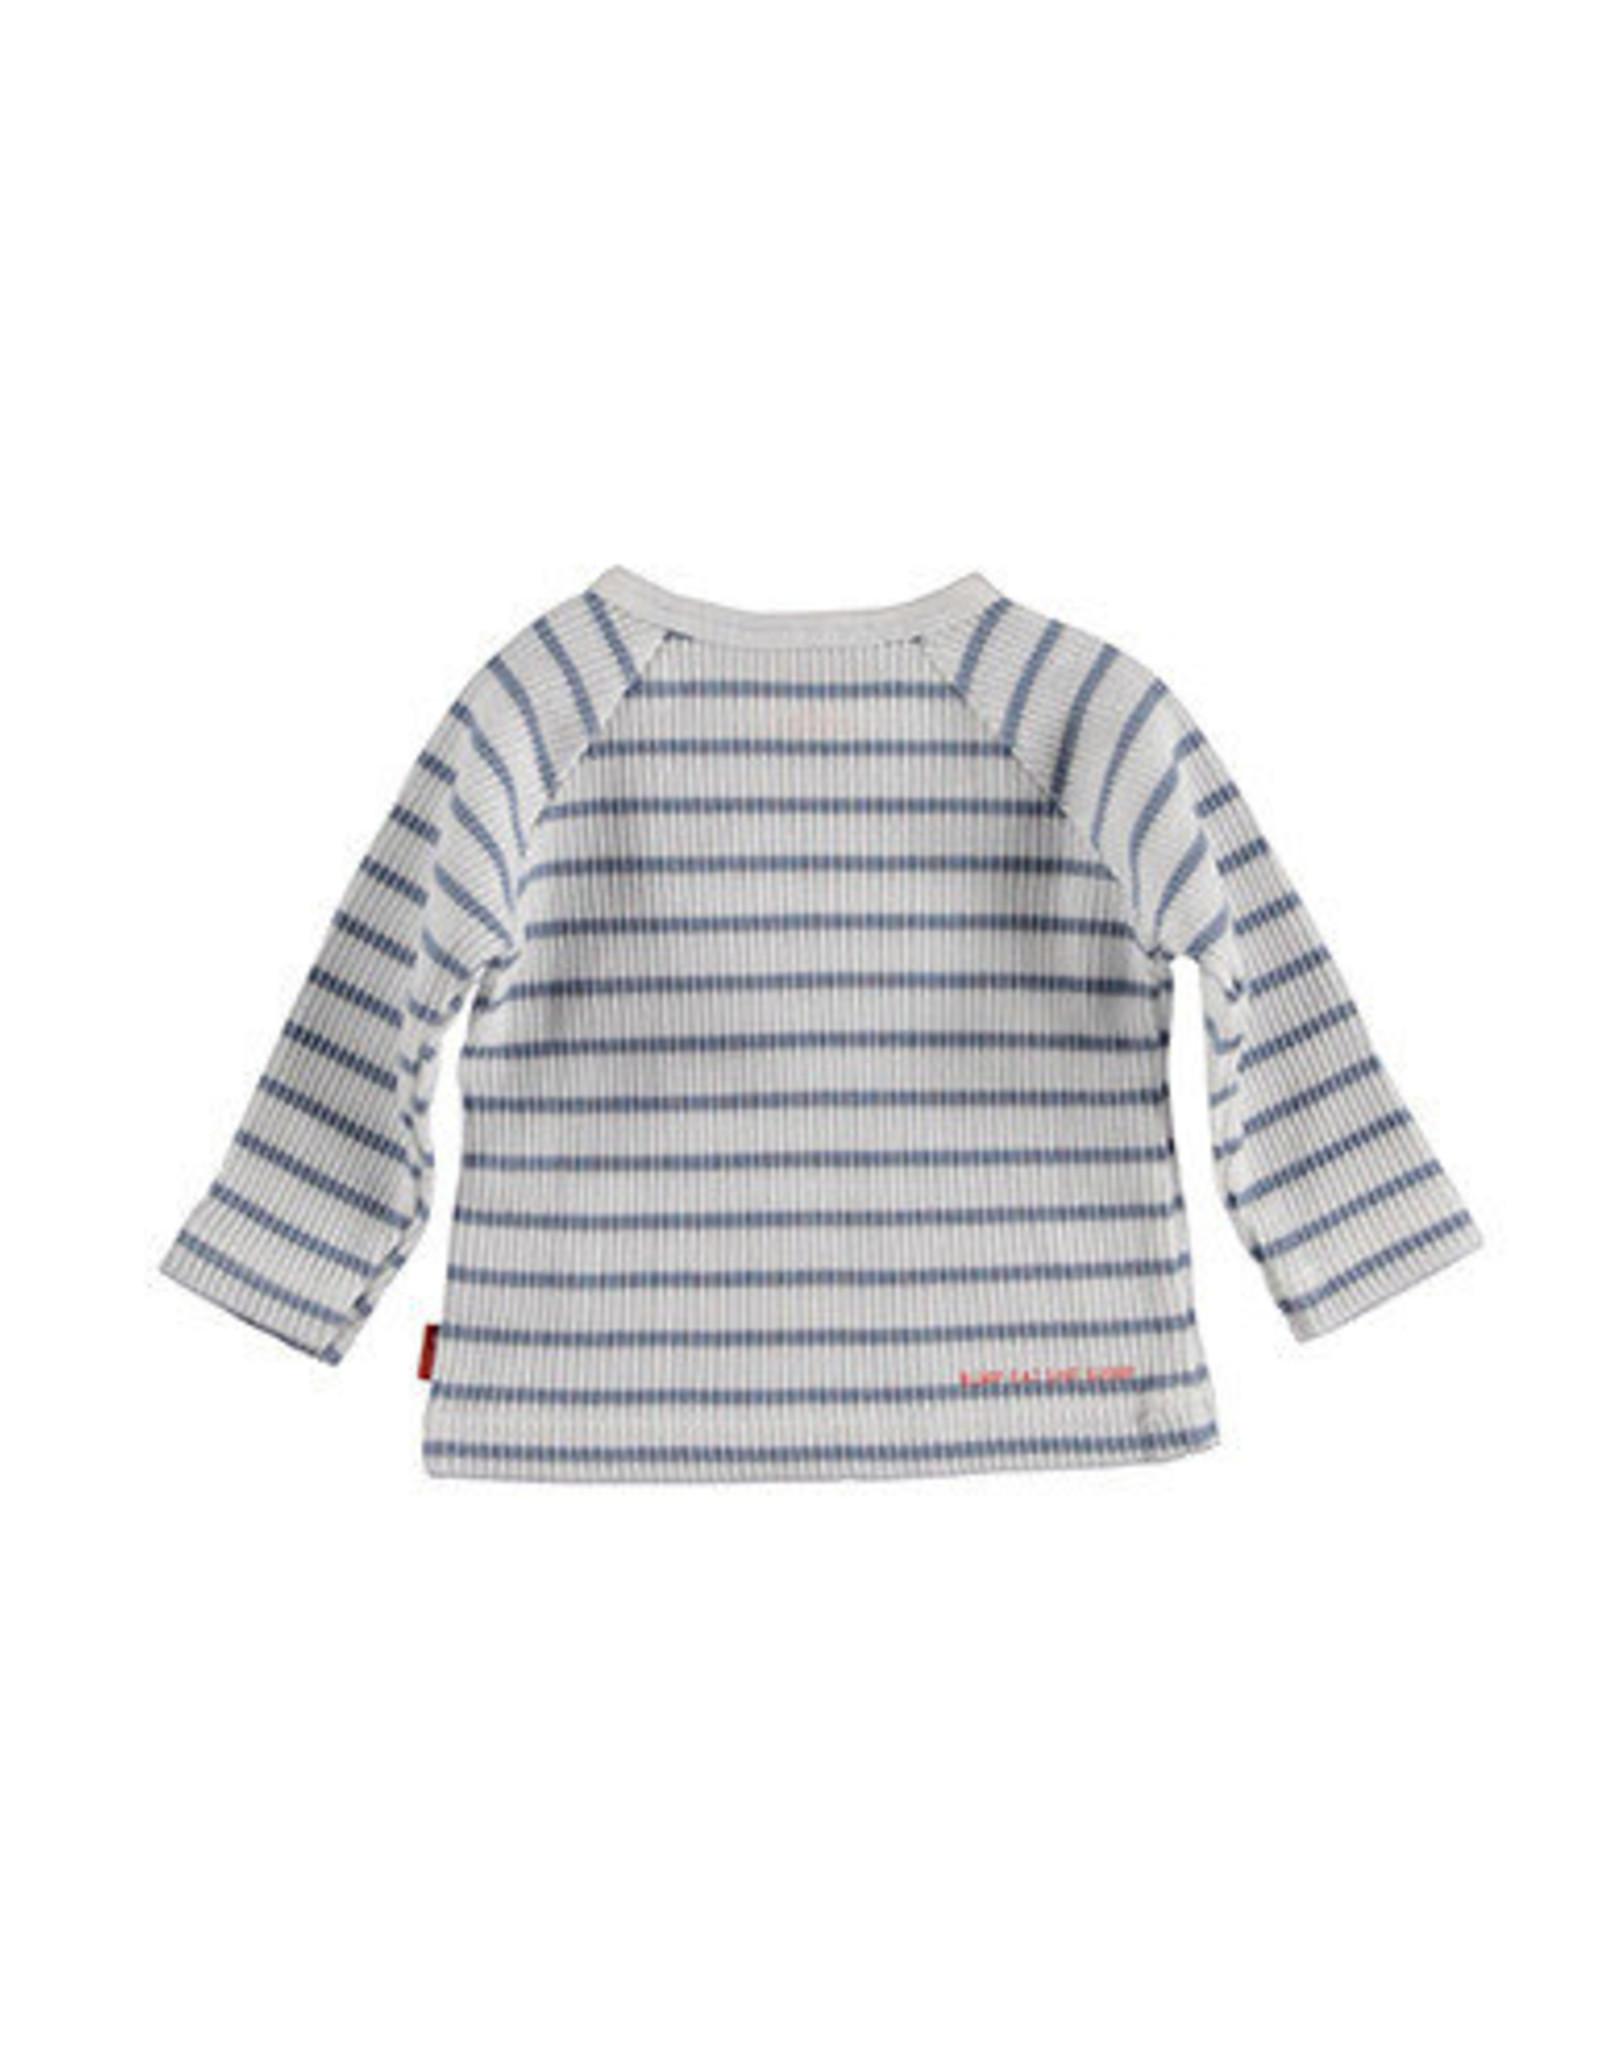 B.E.S.S. Sweater l. sl. Striped, White